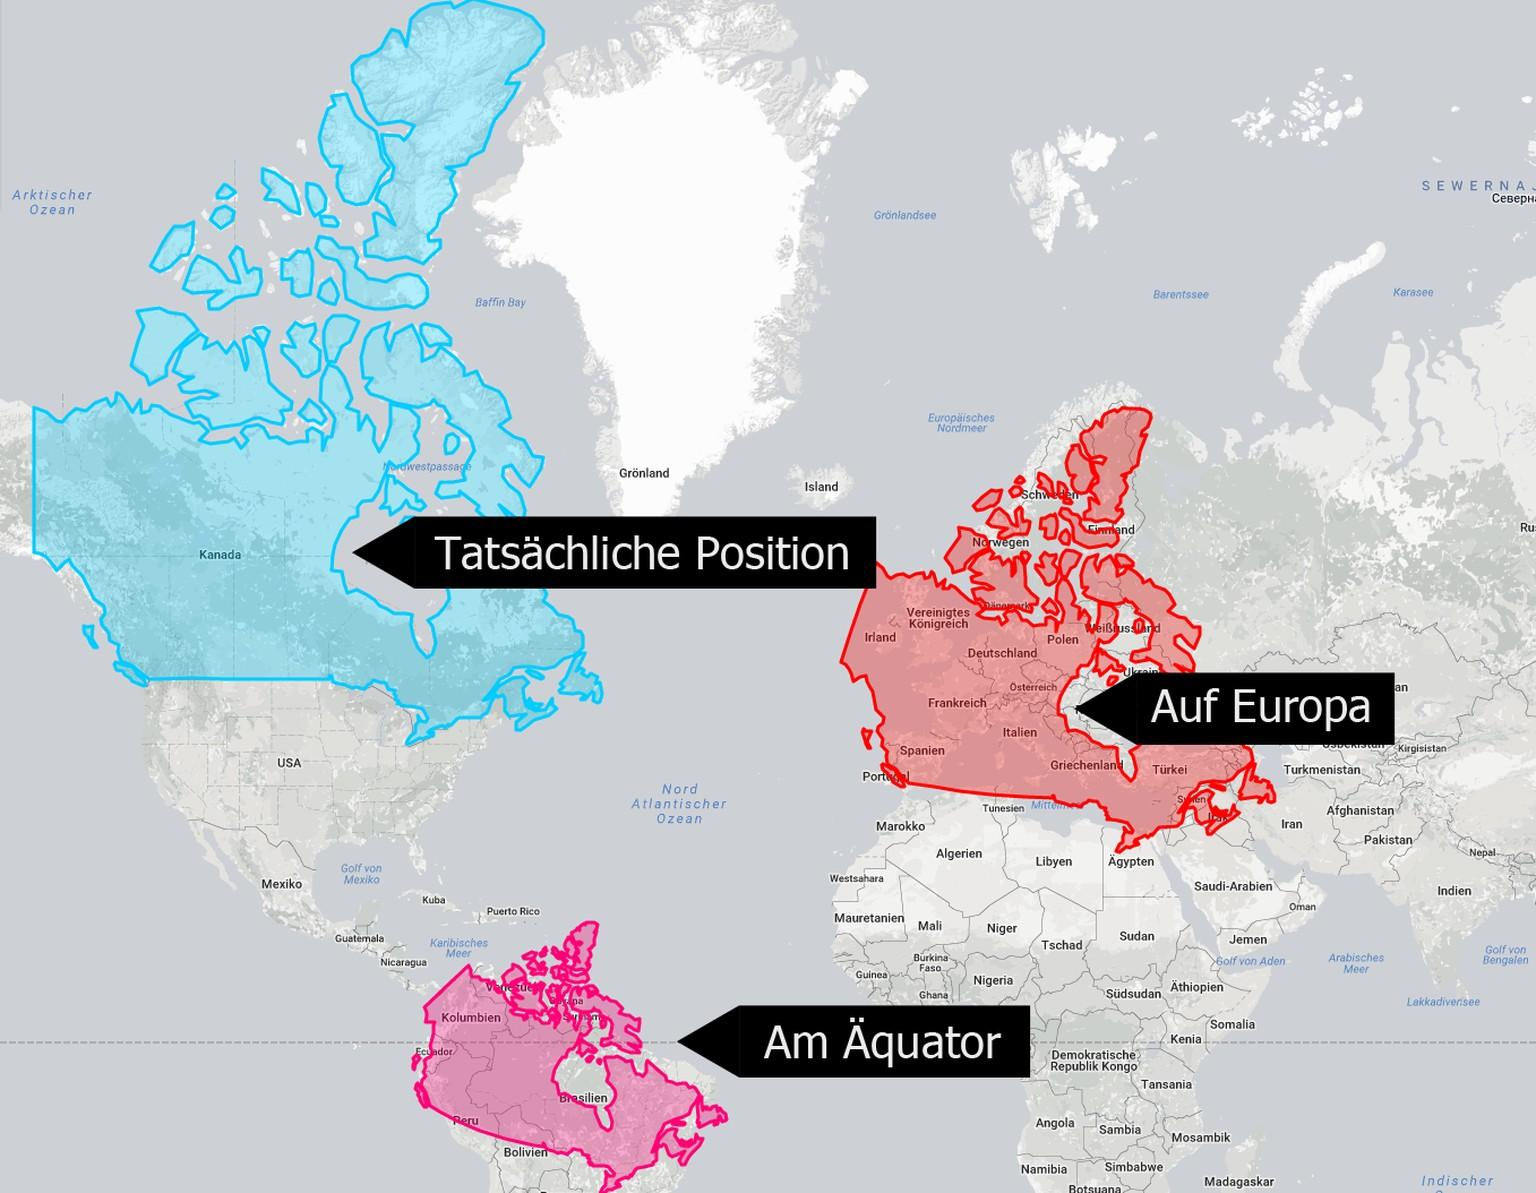 Flache Erde Karte Kaufen.16 Landkarten Die Zeigen Wie Gross Lander Wirklich Sind